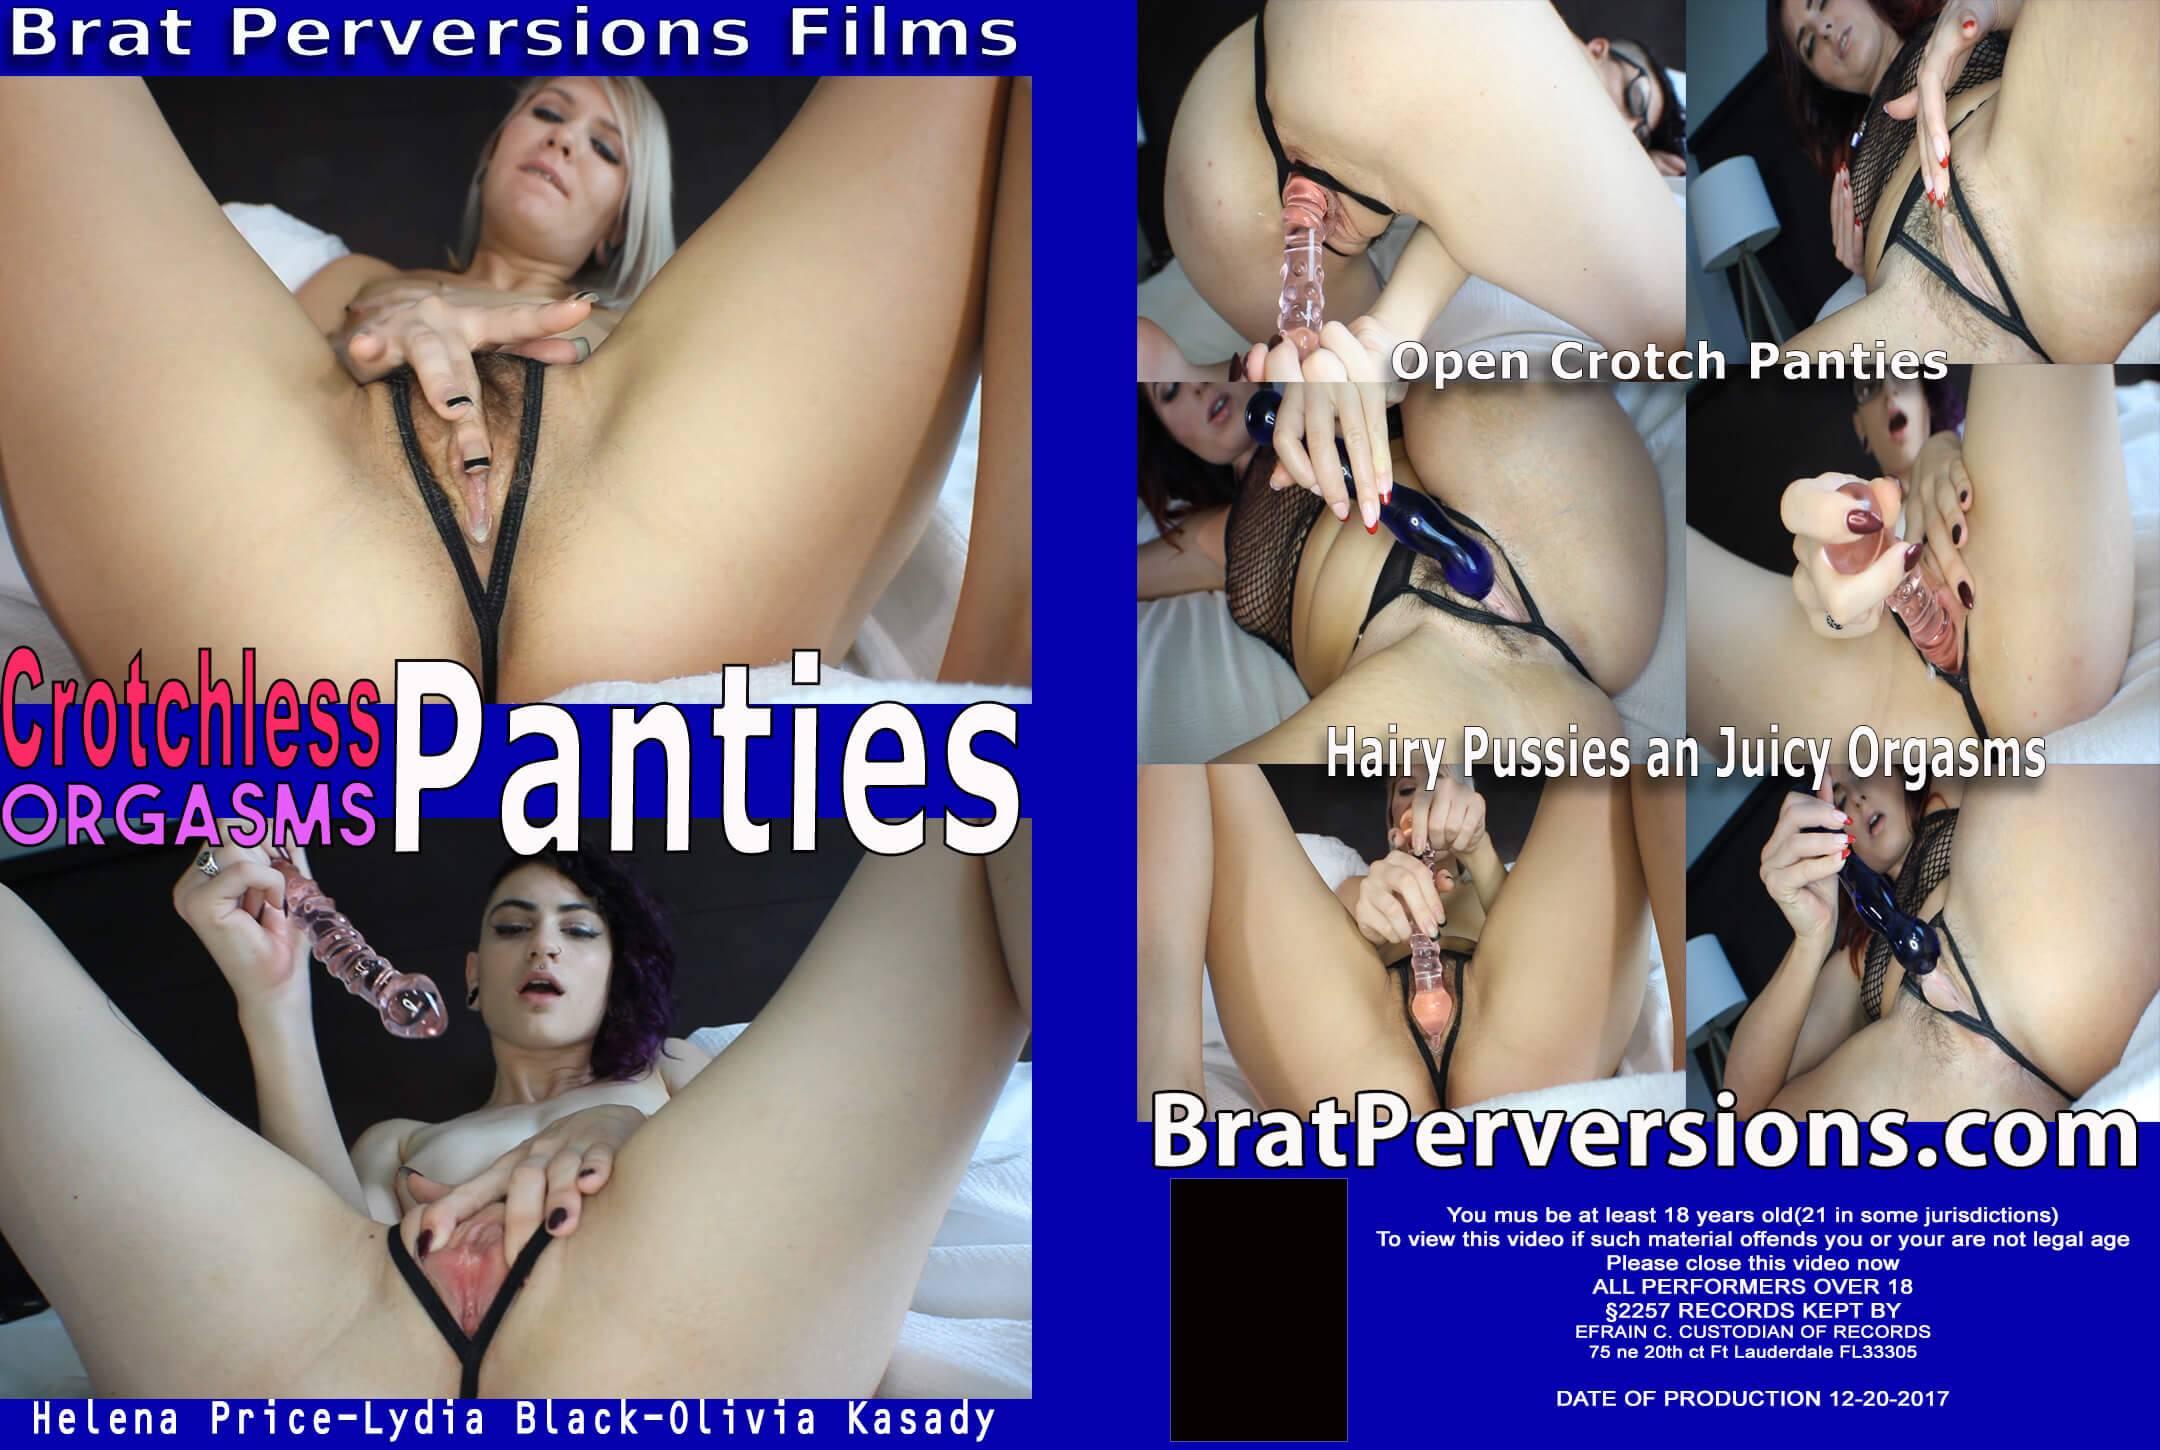 crotchless panties